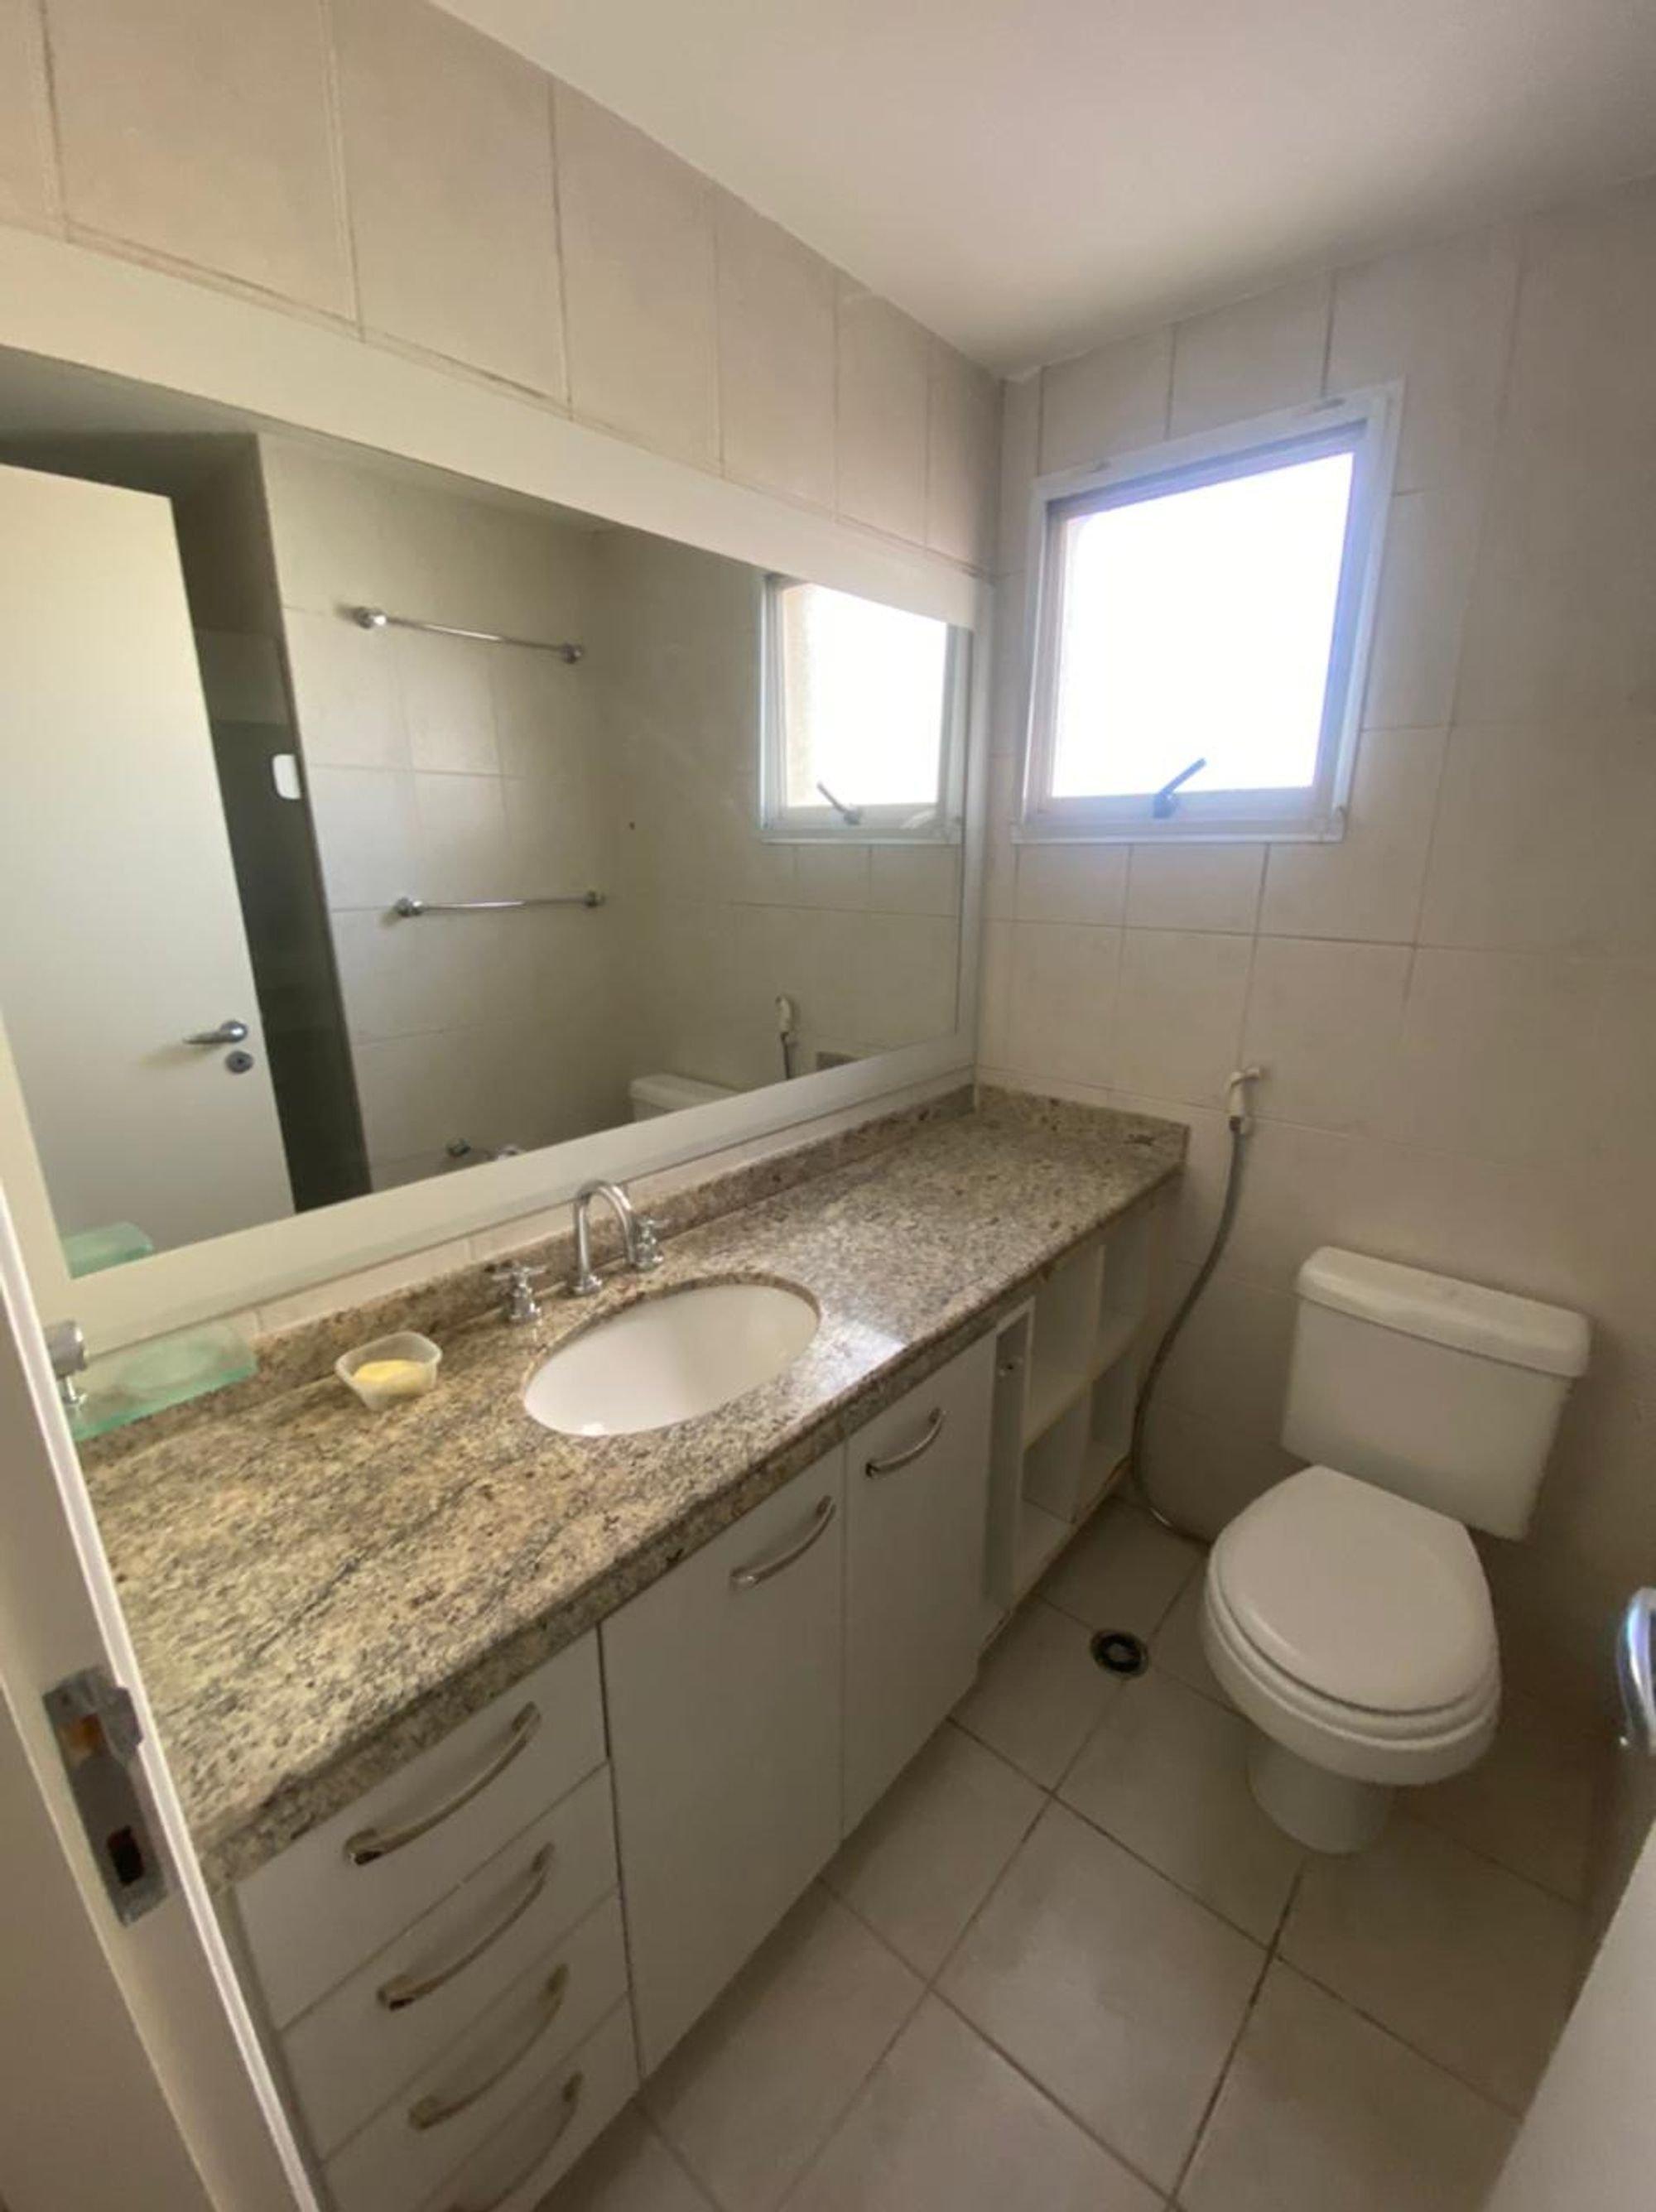 Foto de Banheiro com tigela, vaso sanitário, pia